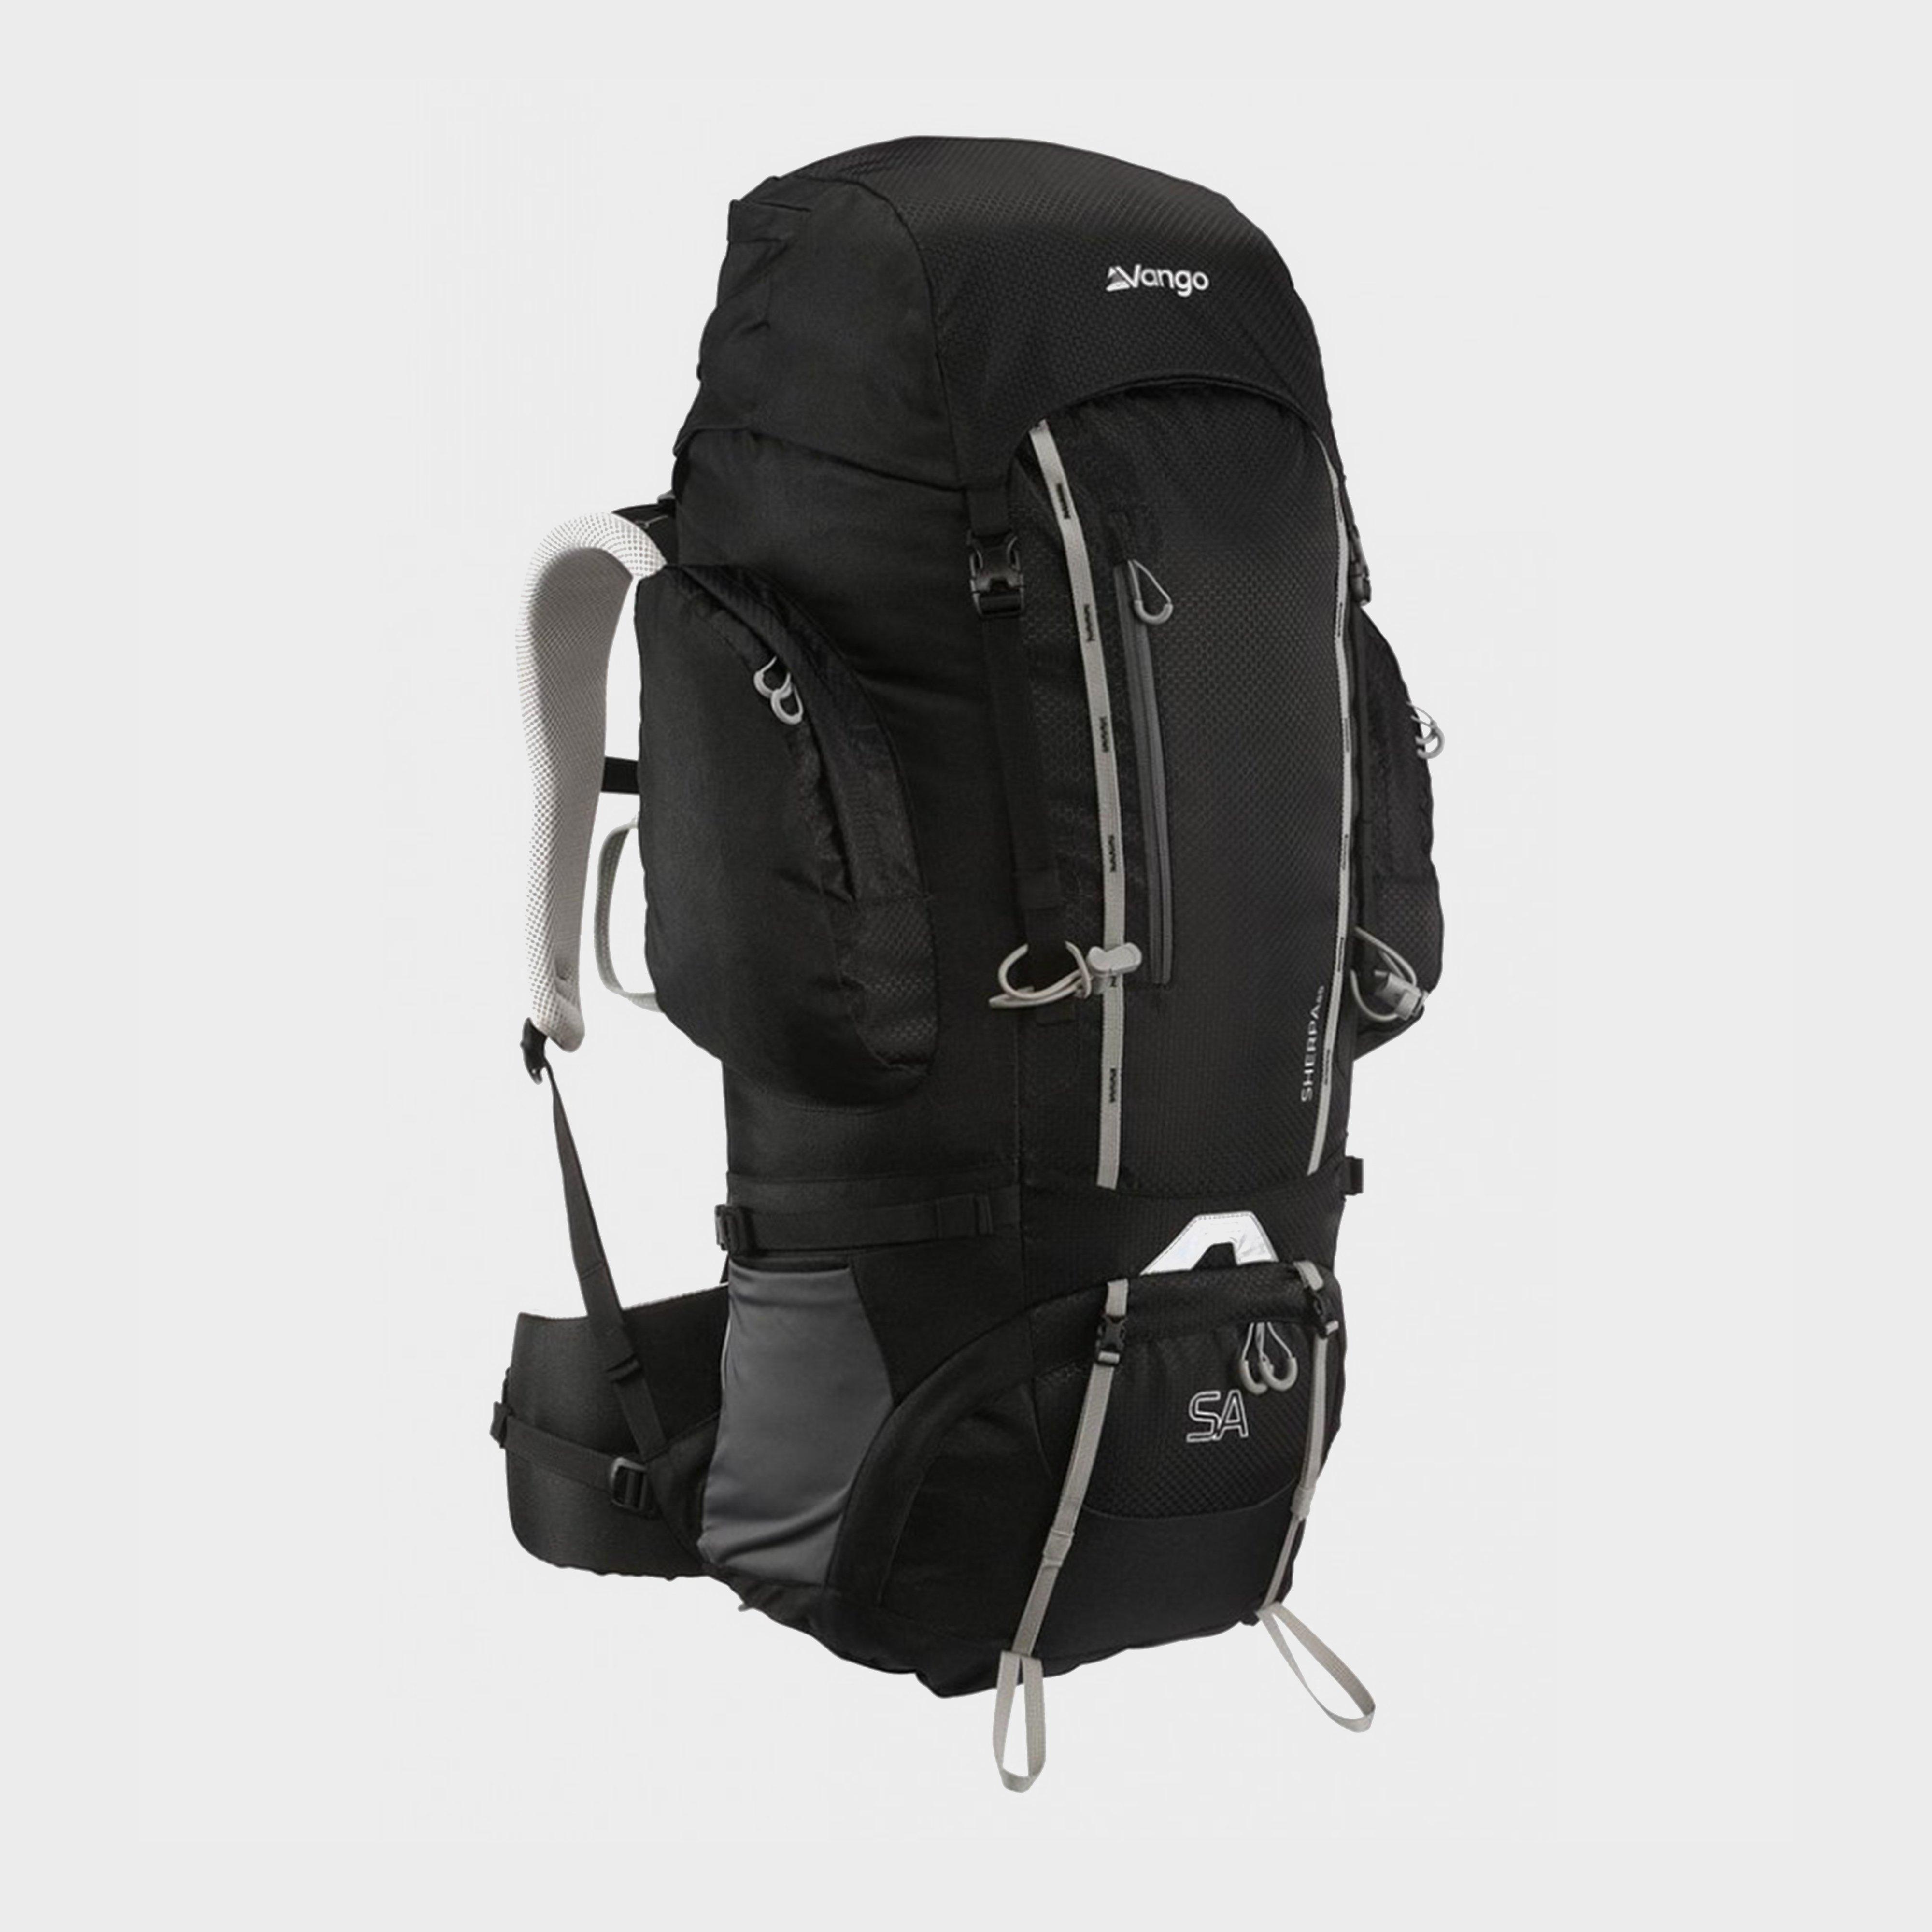 Vango Vango Sherpa 65L Backpack, Black